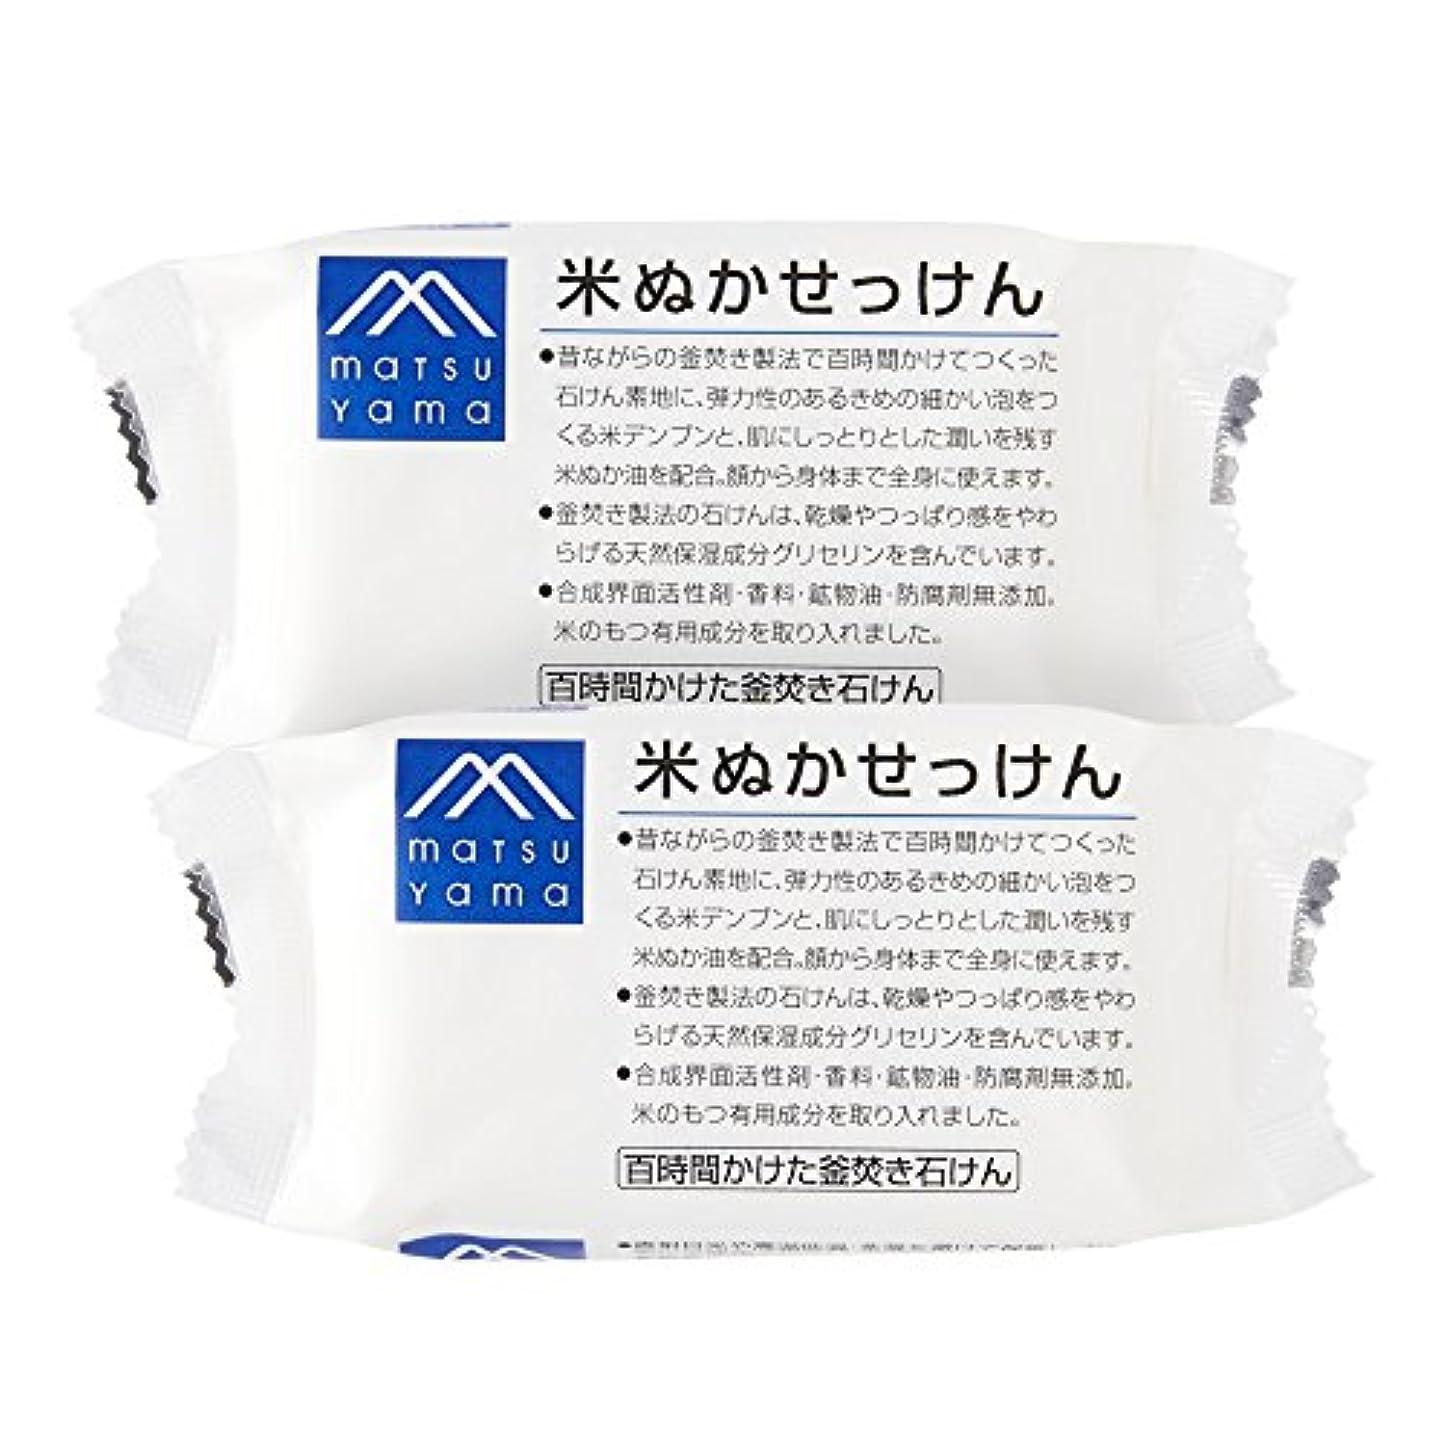 ラウンジソーダ水ペデスタルM-mark 米ぬかせっけん2個セット